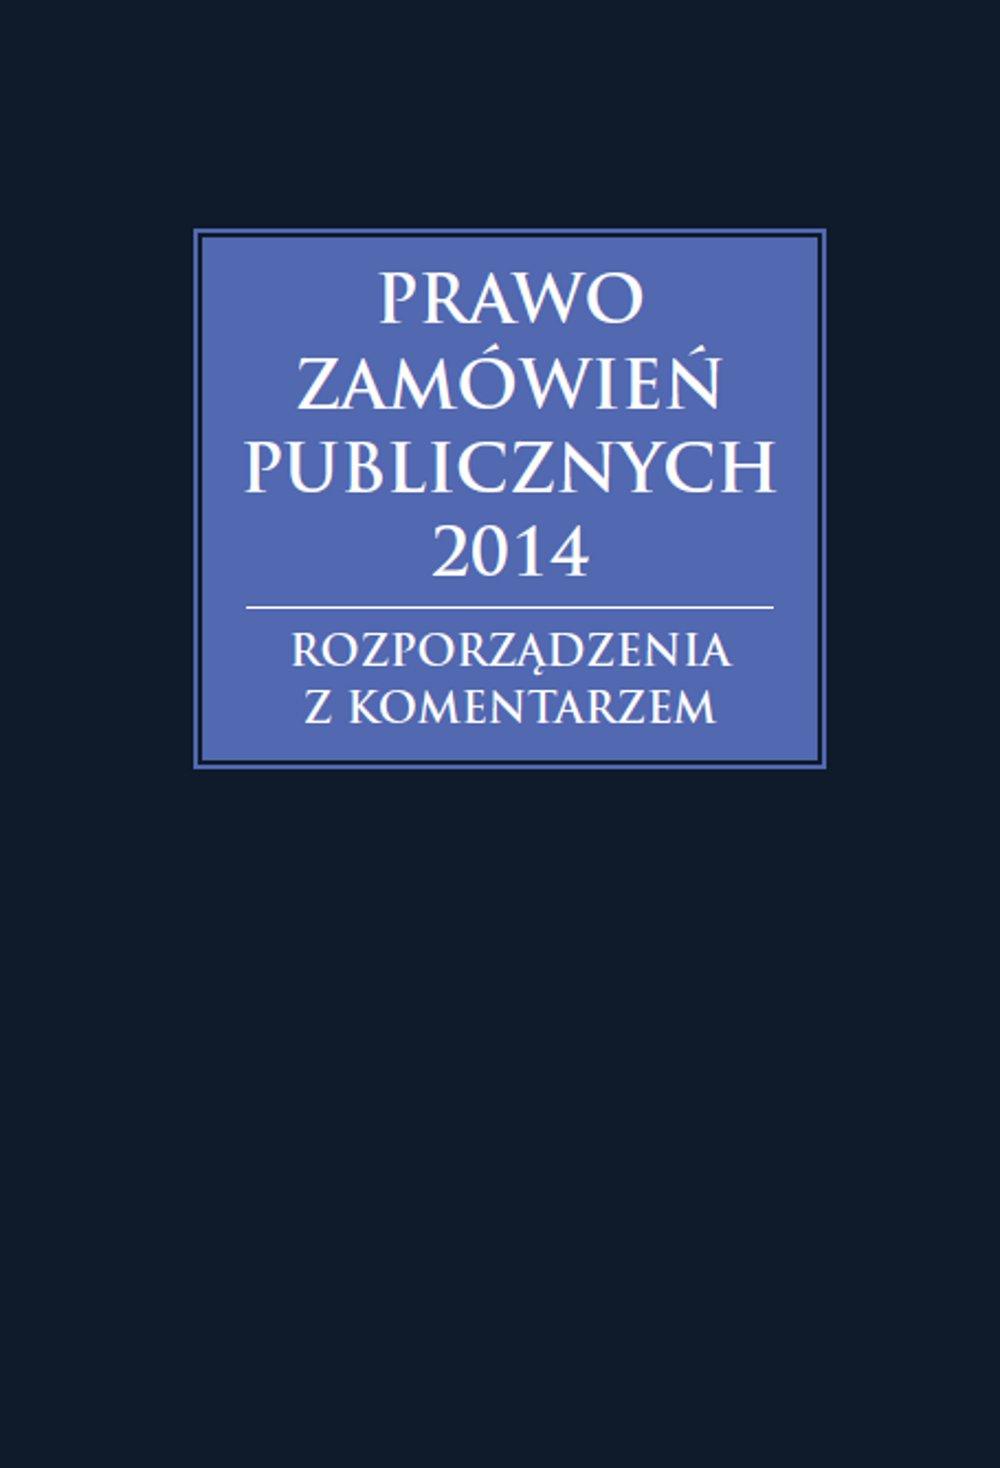 Prawo zamówień publicznych 2014. Rozporządzenia z komentarzem - Ebook (Książka PDF) do pobrania w formacie PDF